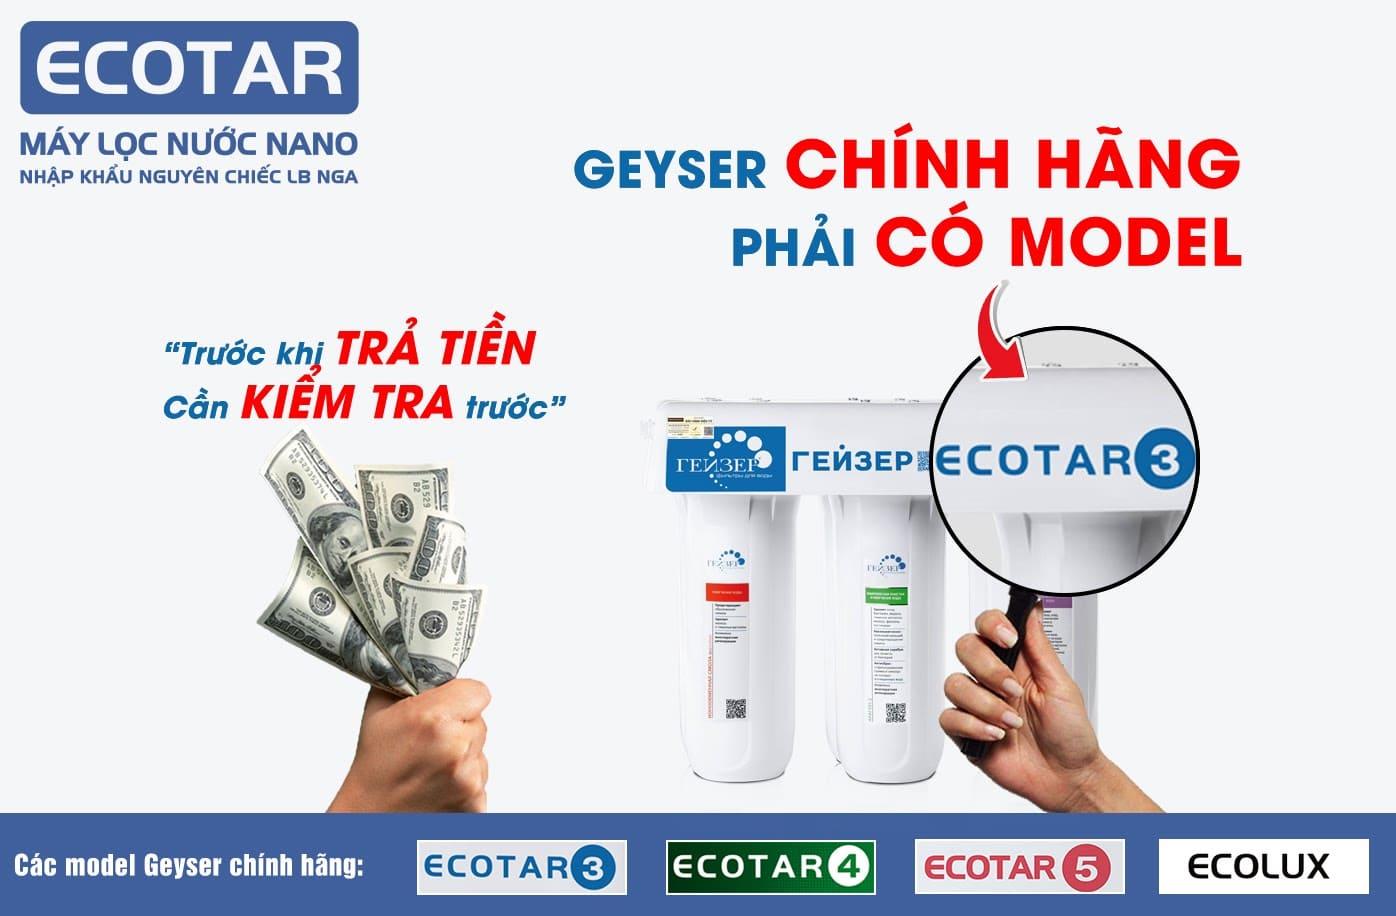 Máy lọc nước nano Geyser Ecotar 3 chính hãng